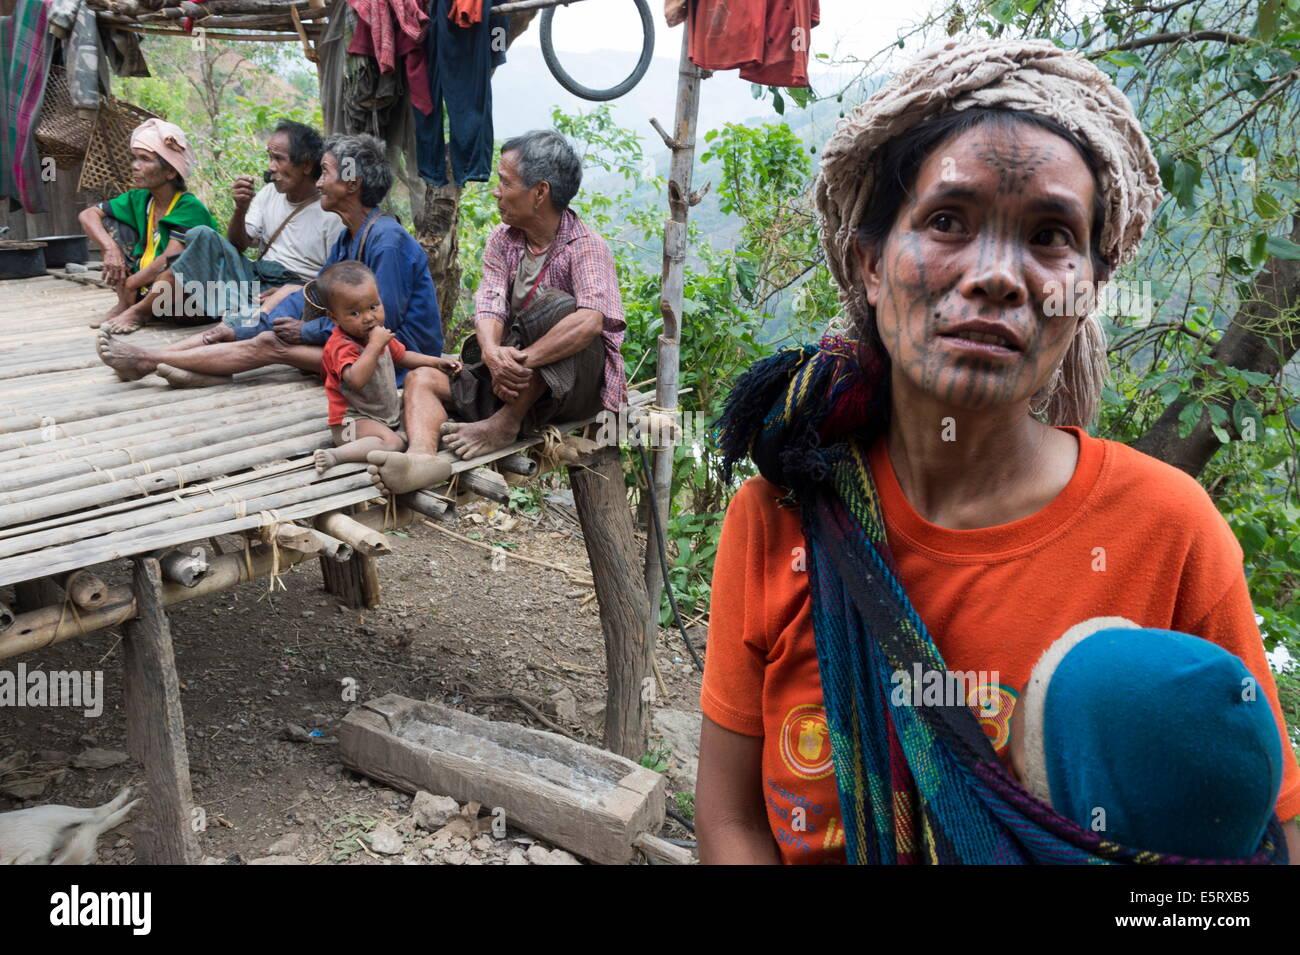 Funeral of 5-year old girl, Krai Do (Burmese: Kyar Hto) village, hills near Mindat, Chin State, Myanmar. - Stock Image